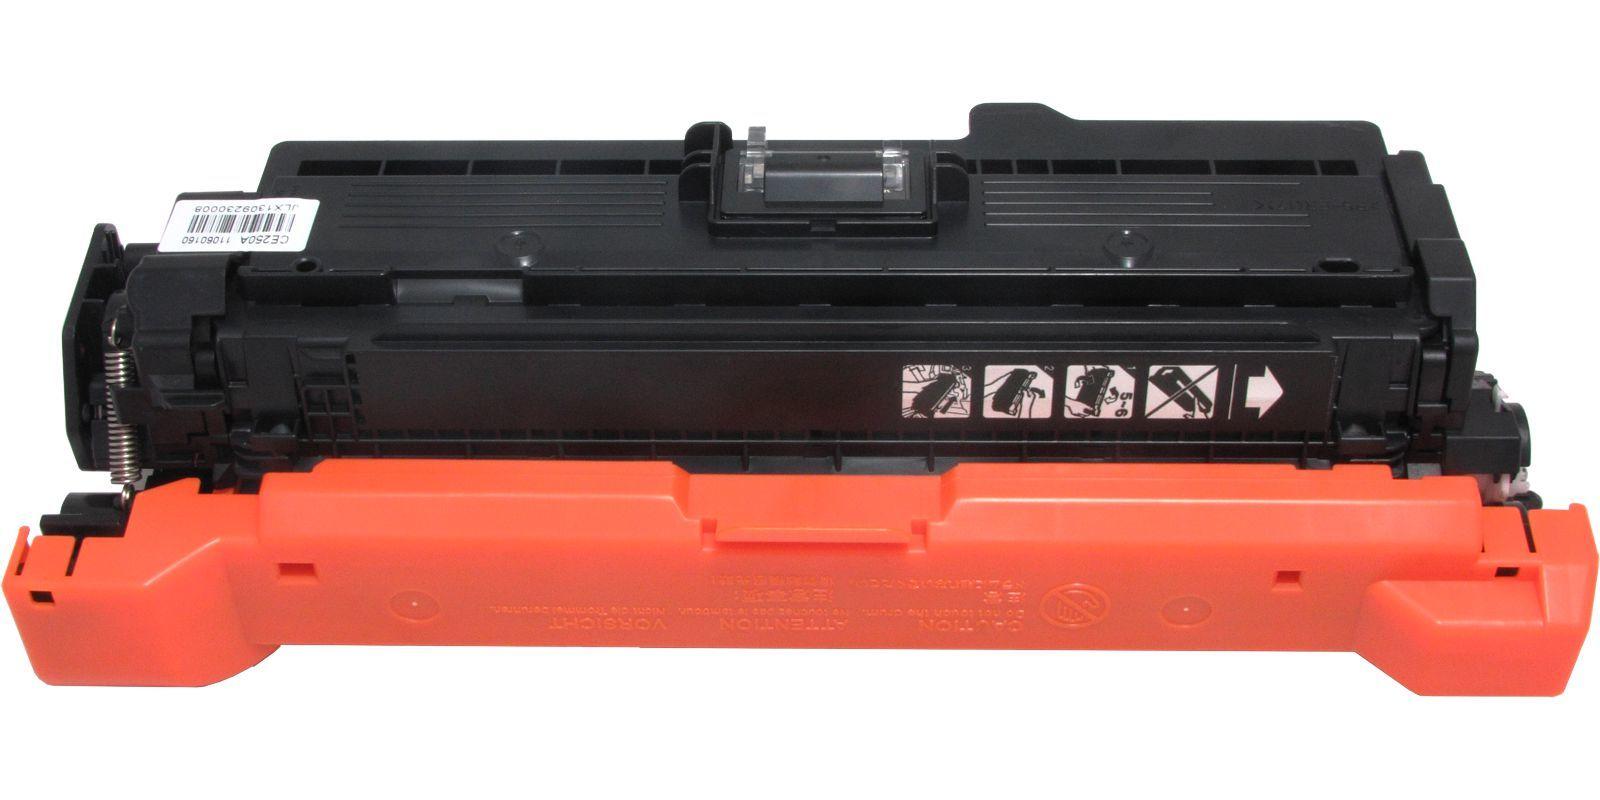 Картридж лазерный цветной MAK© 504A CE250A черный (black), до 5000 стр.